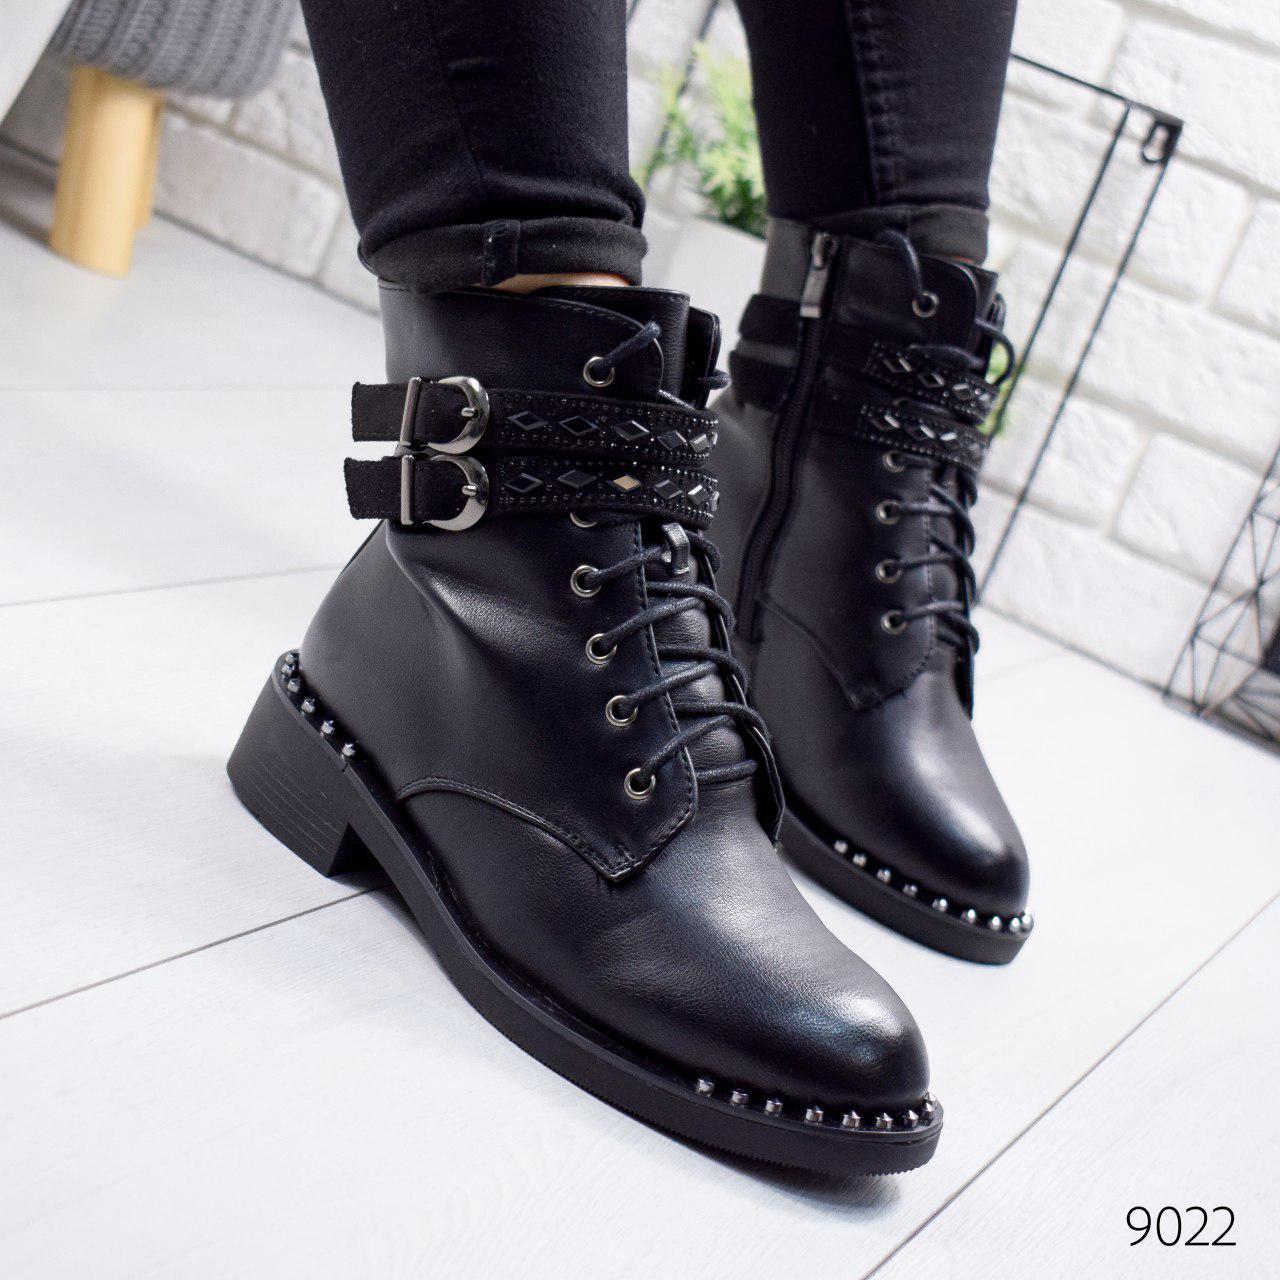 """Ботинки женские зимние, черного цвета из эко кожи """"9022"""". Черевики жіночі. Ботинки теплые"""